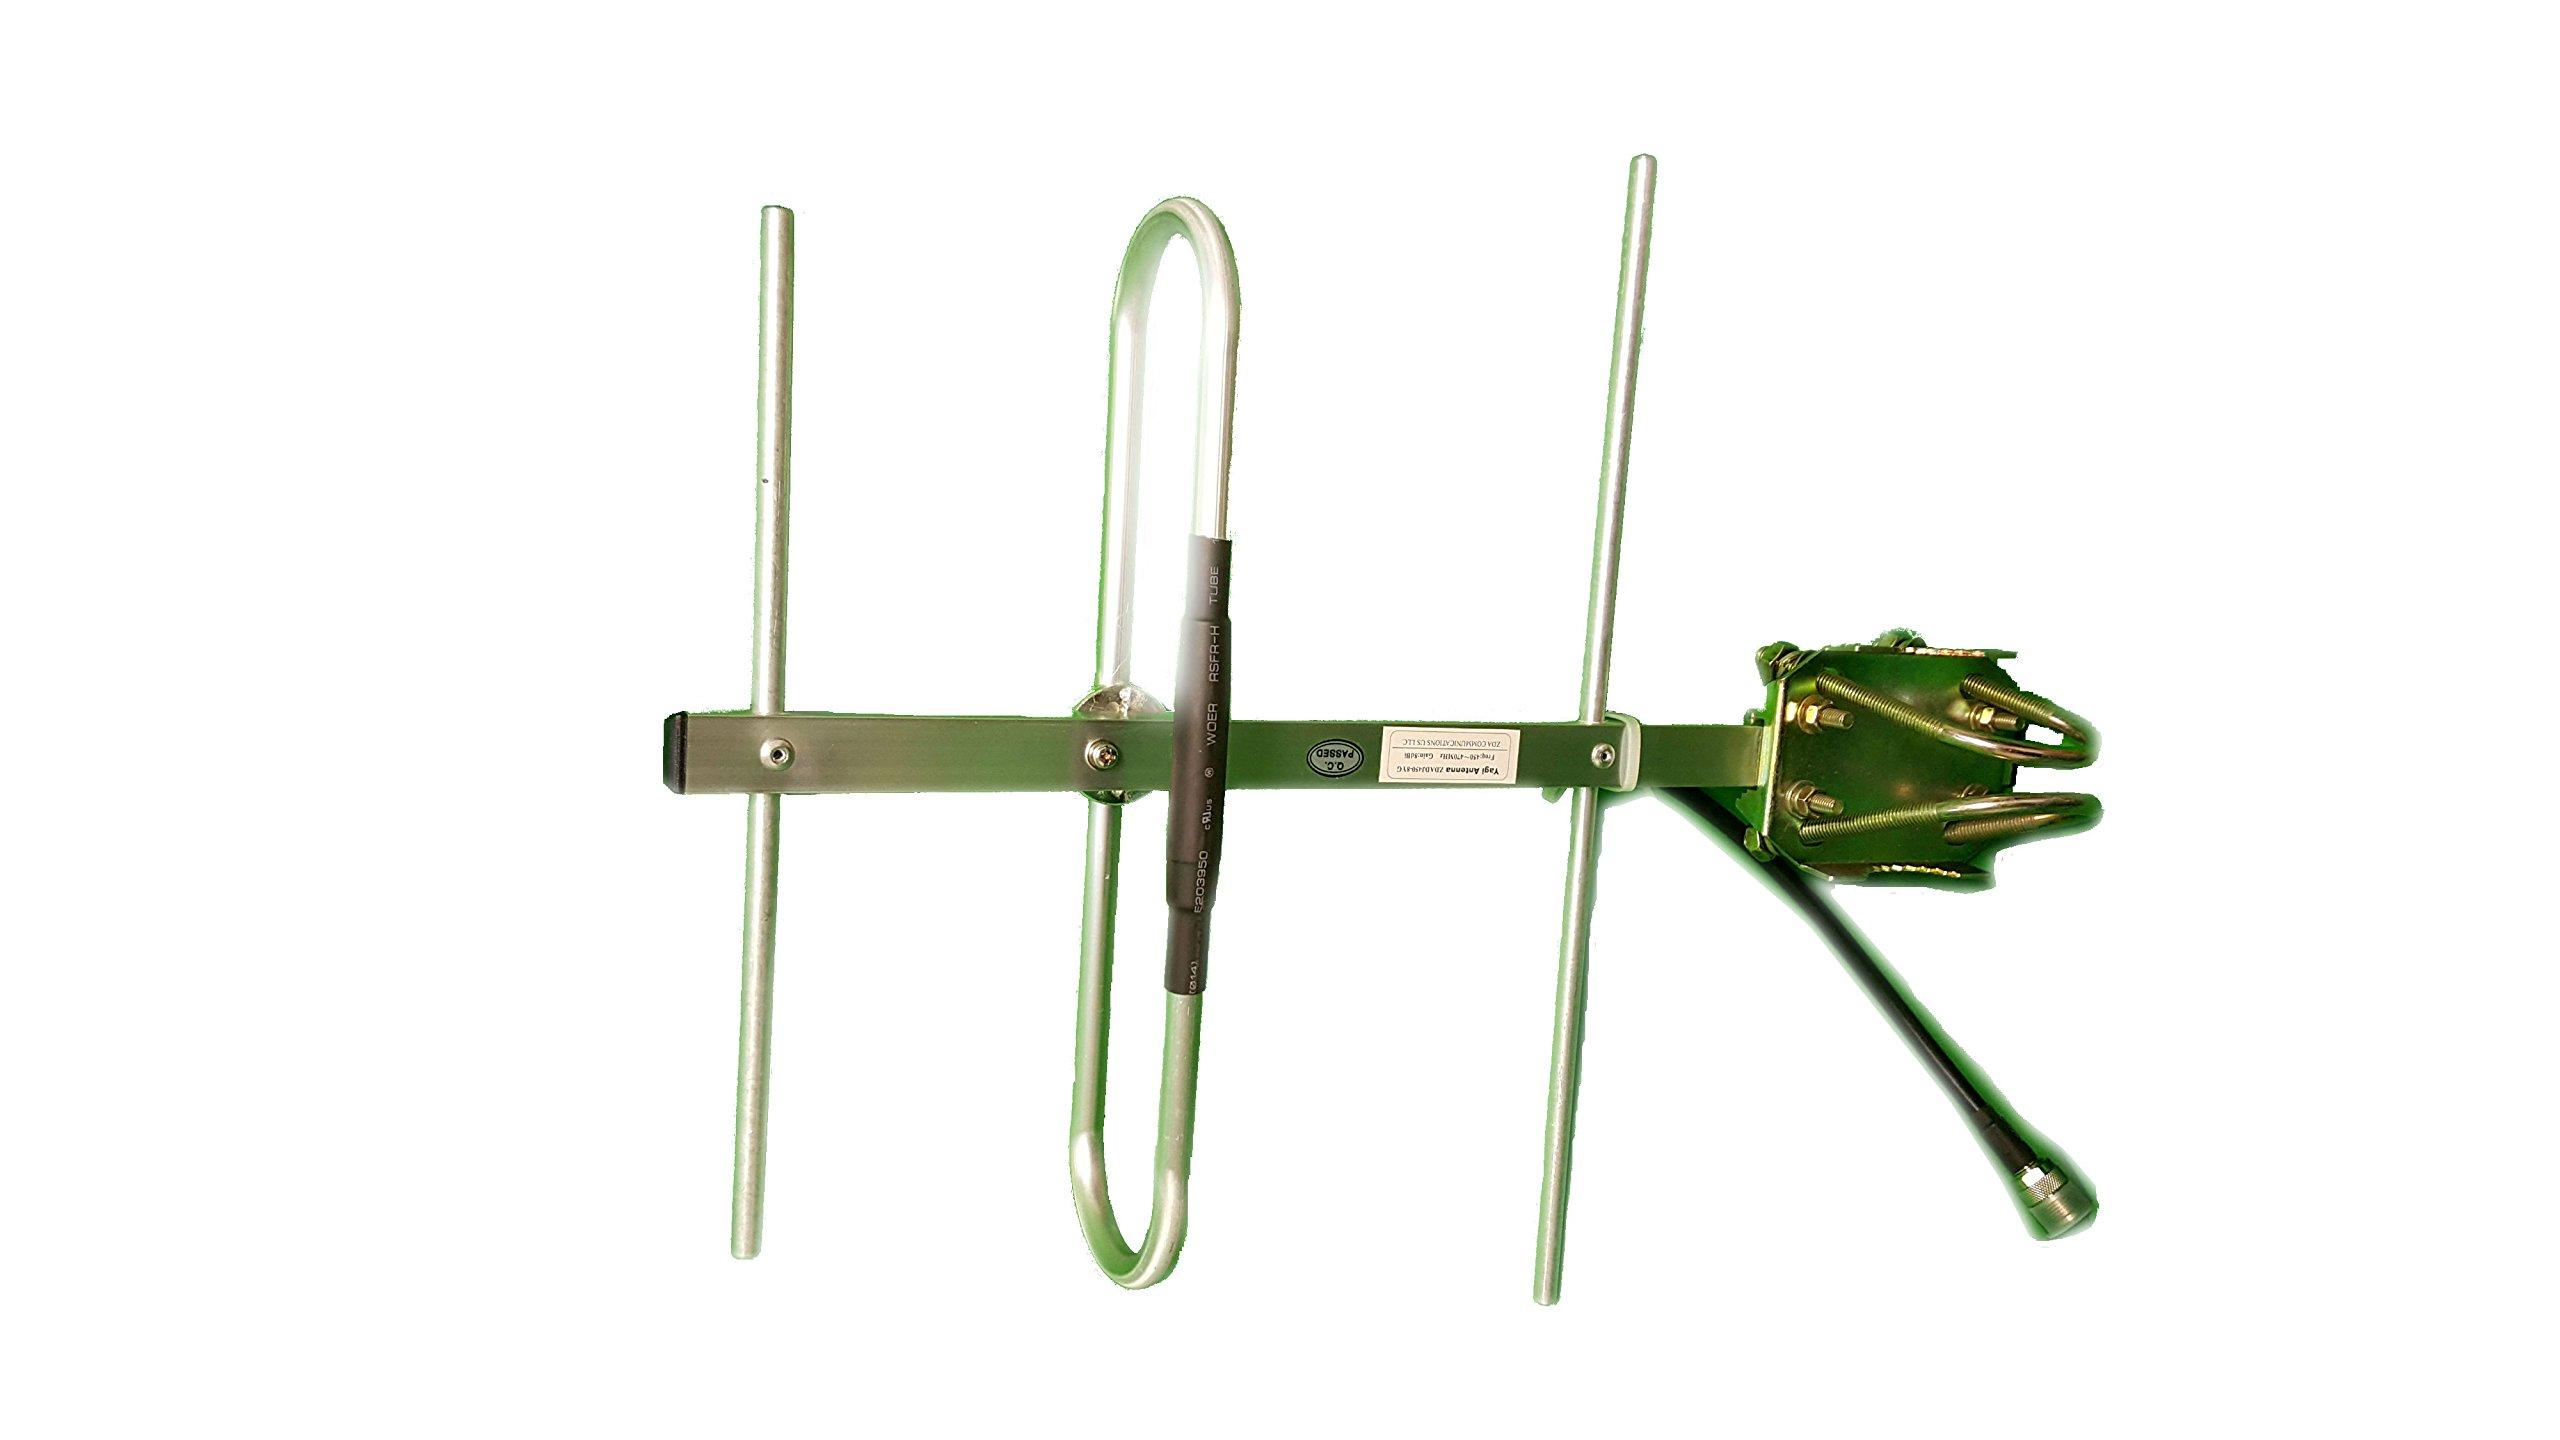 450-470 MHz, 8 dbi Yagi antenna